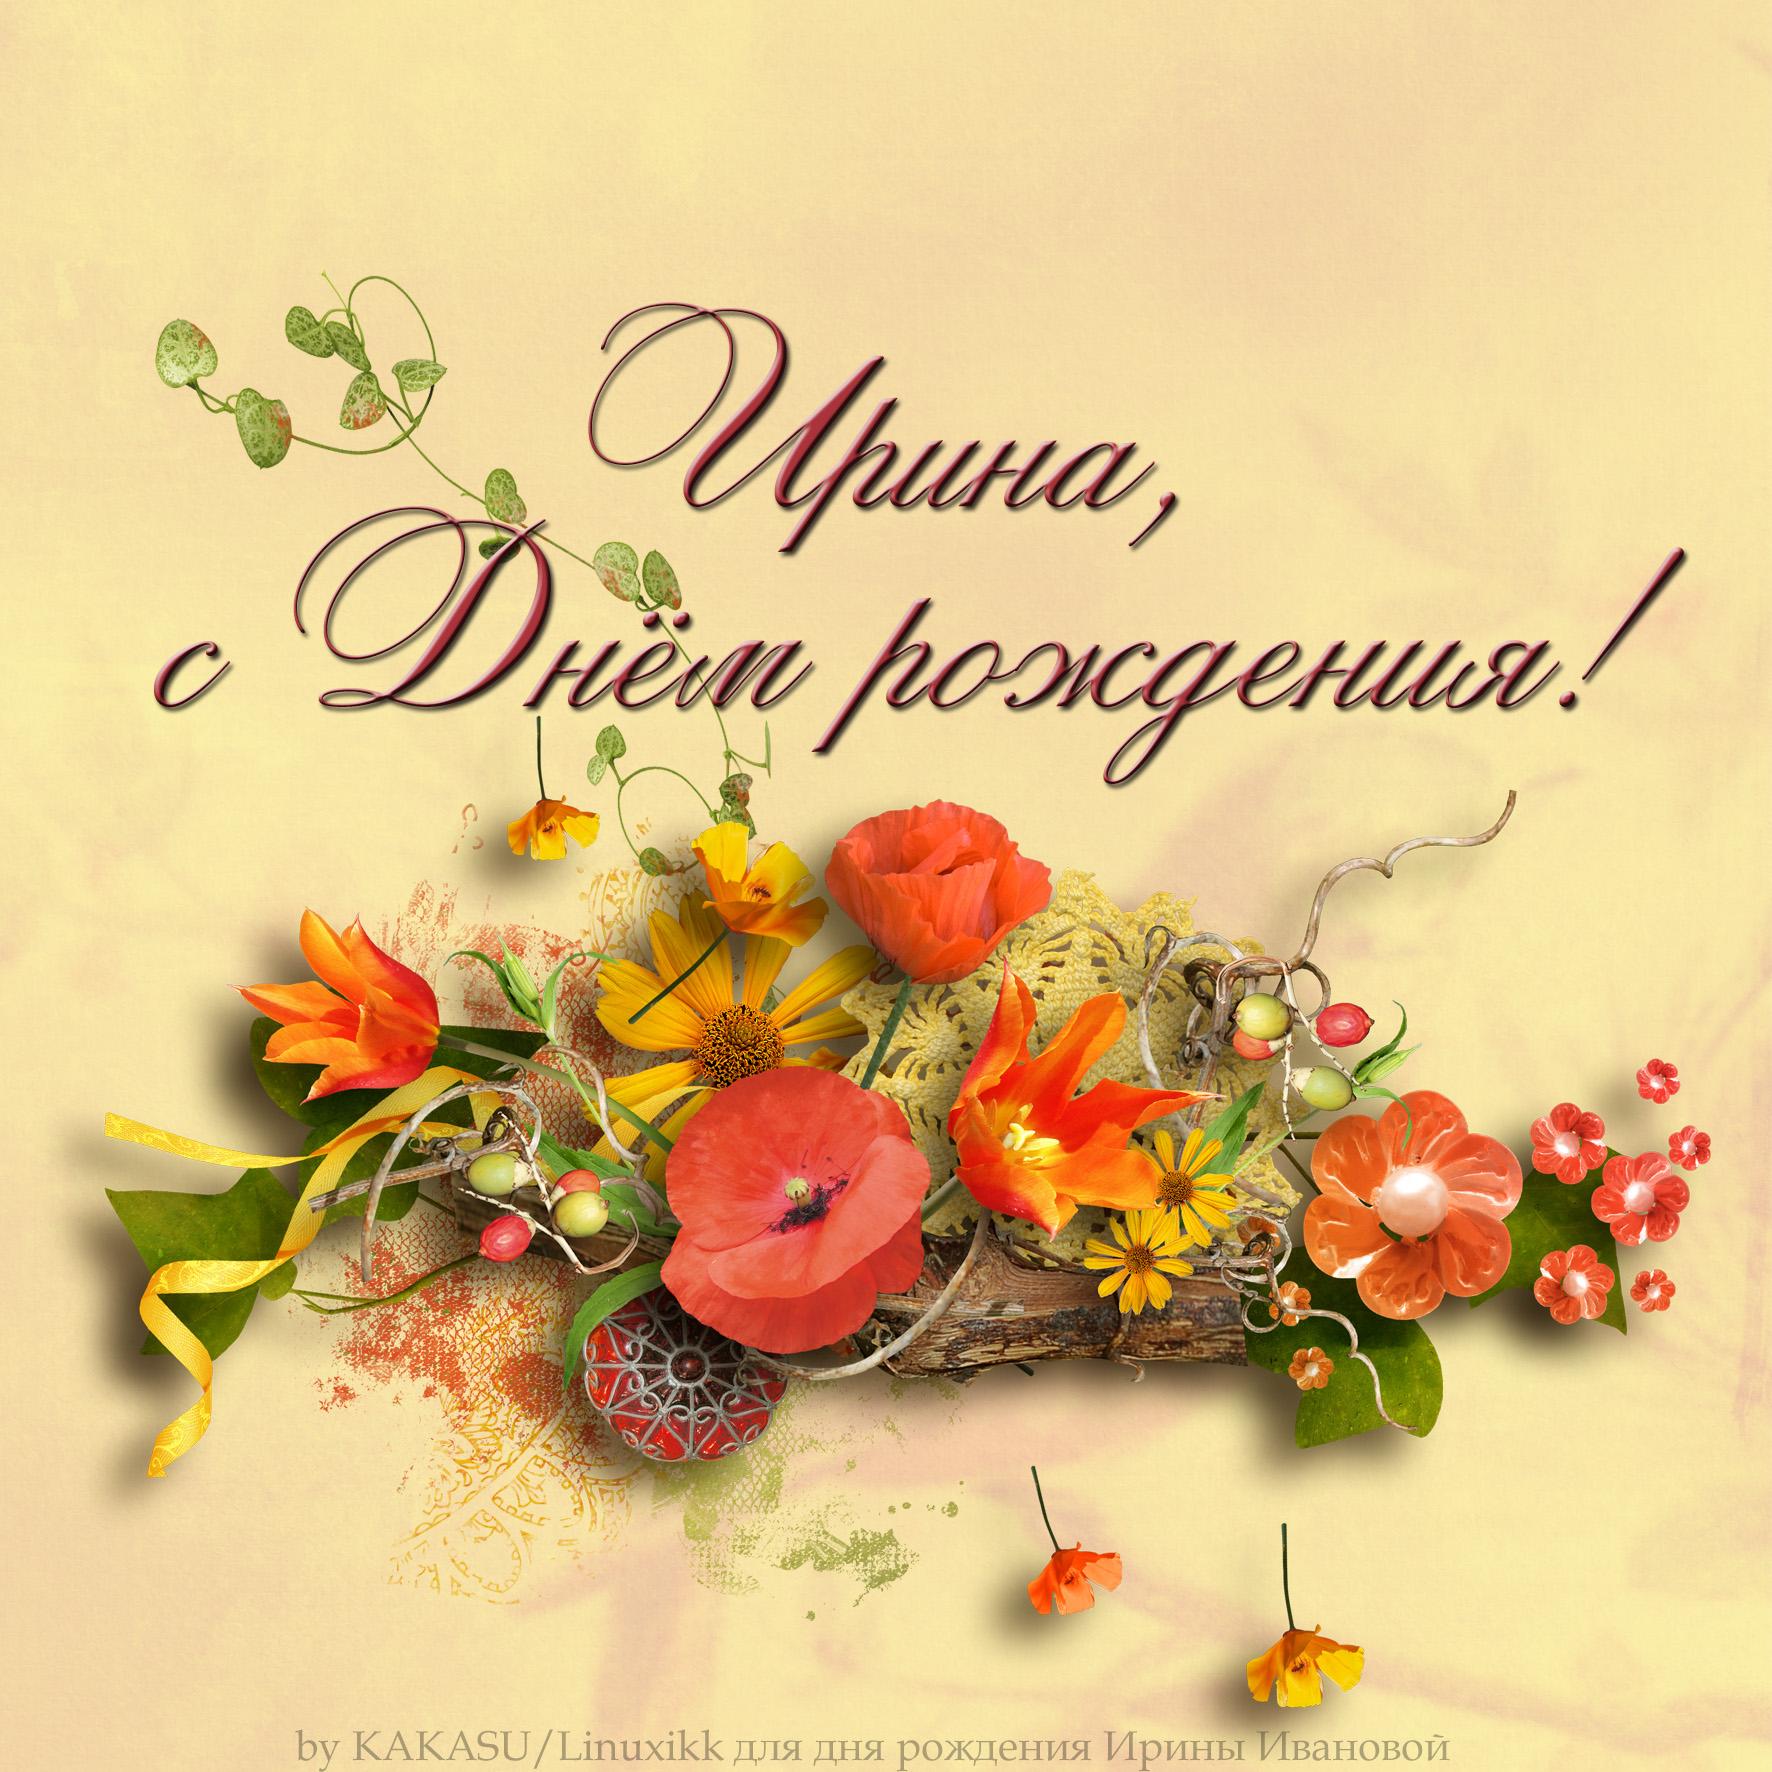 Поздравление женщине по имени ирина